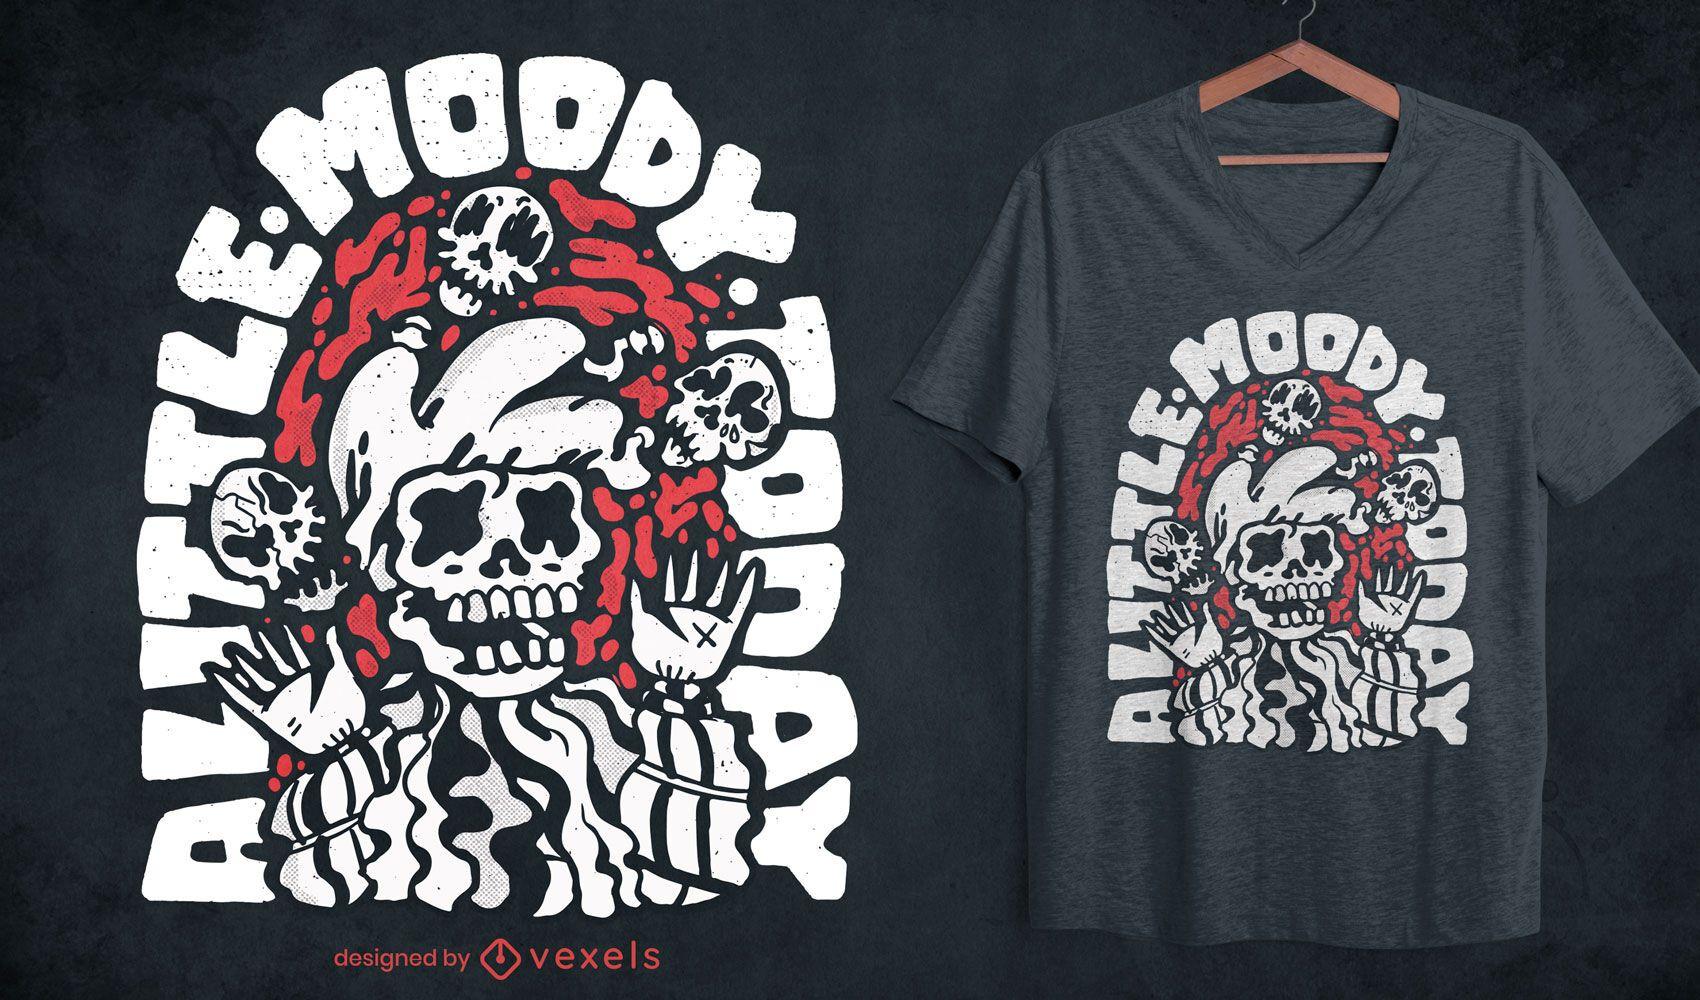 Skeleton jester juggling skulls t-shirt design